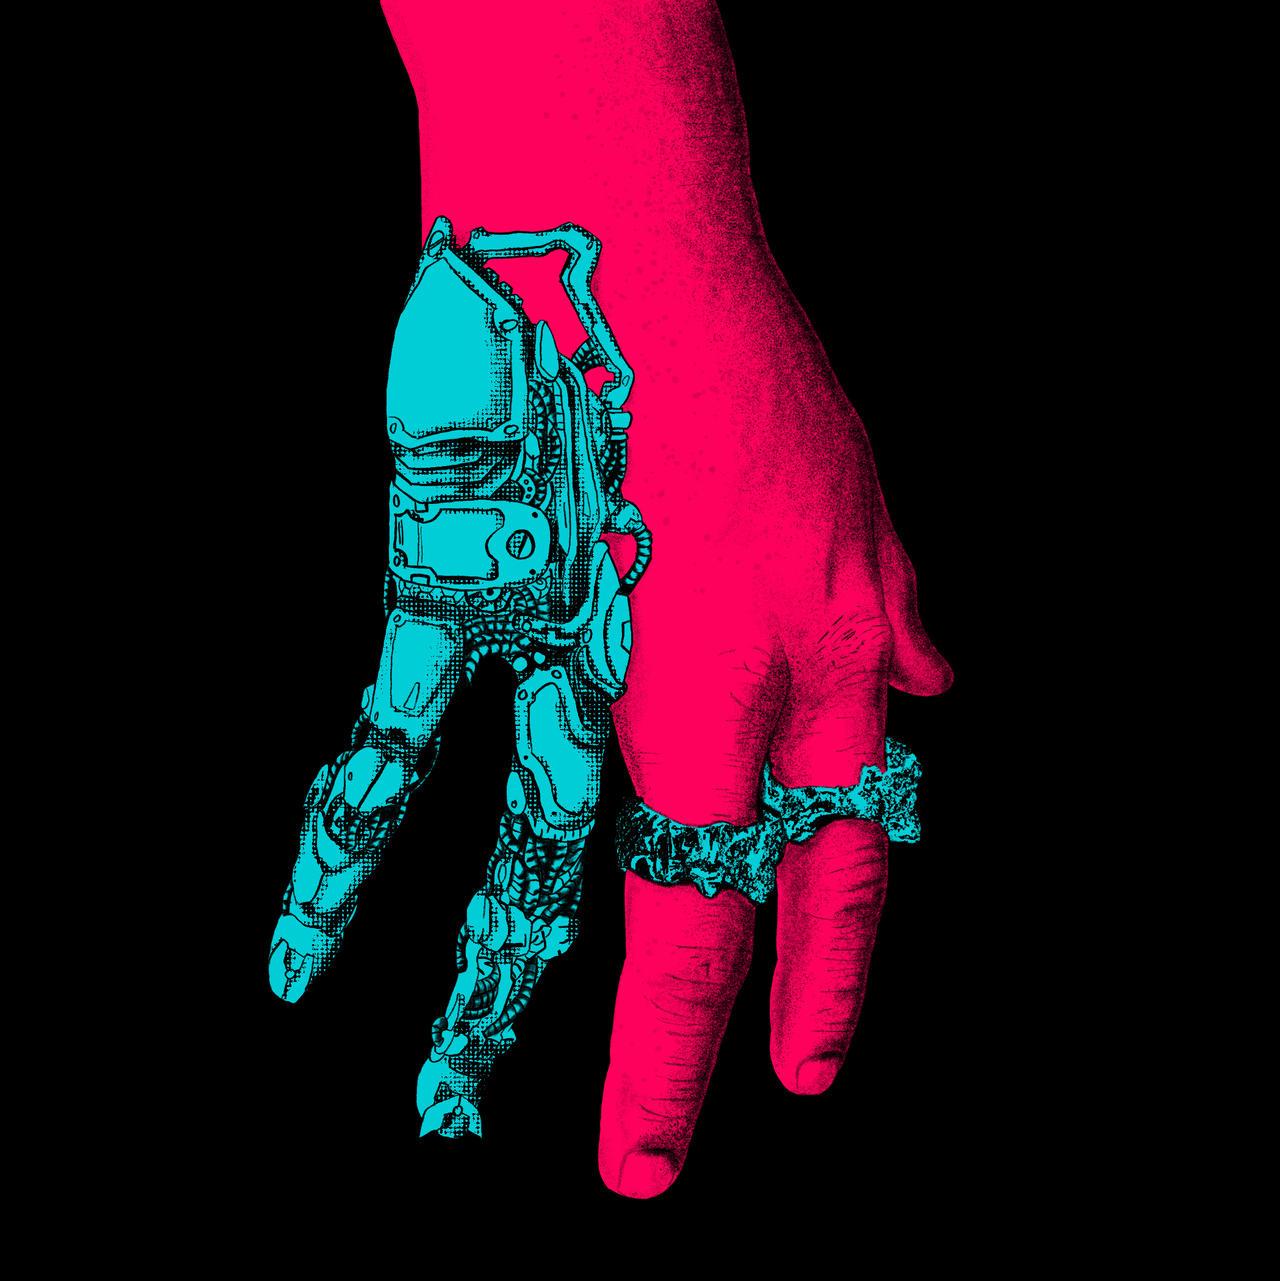 Cyberpunk hand